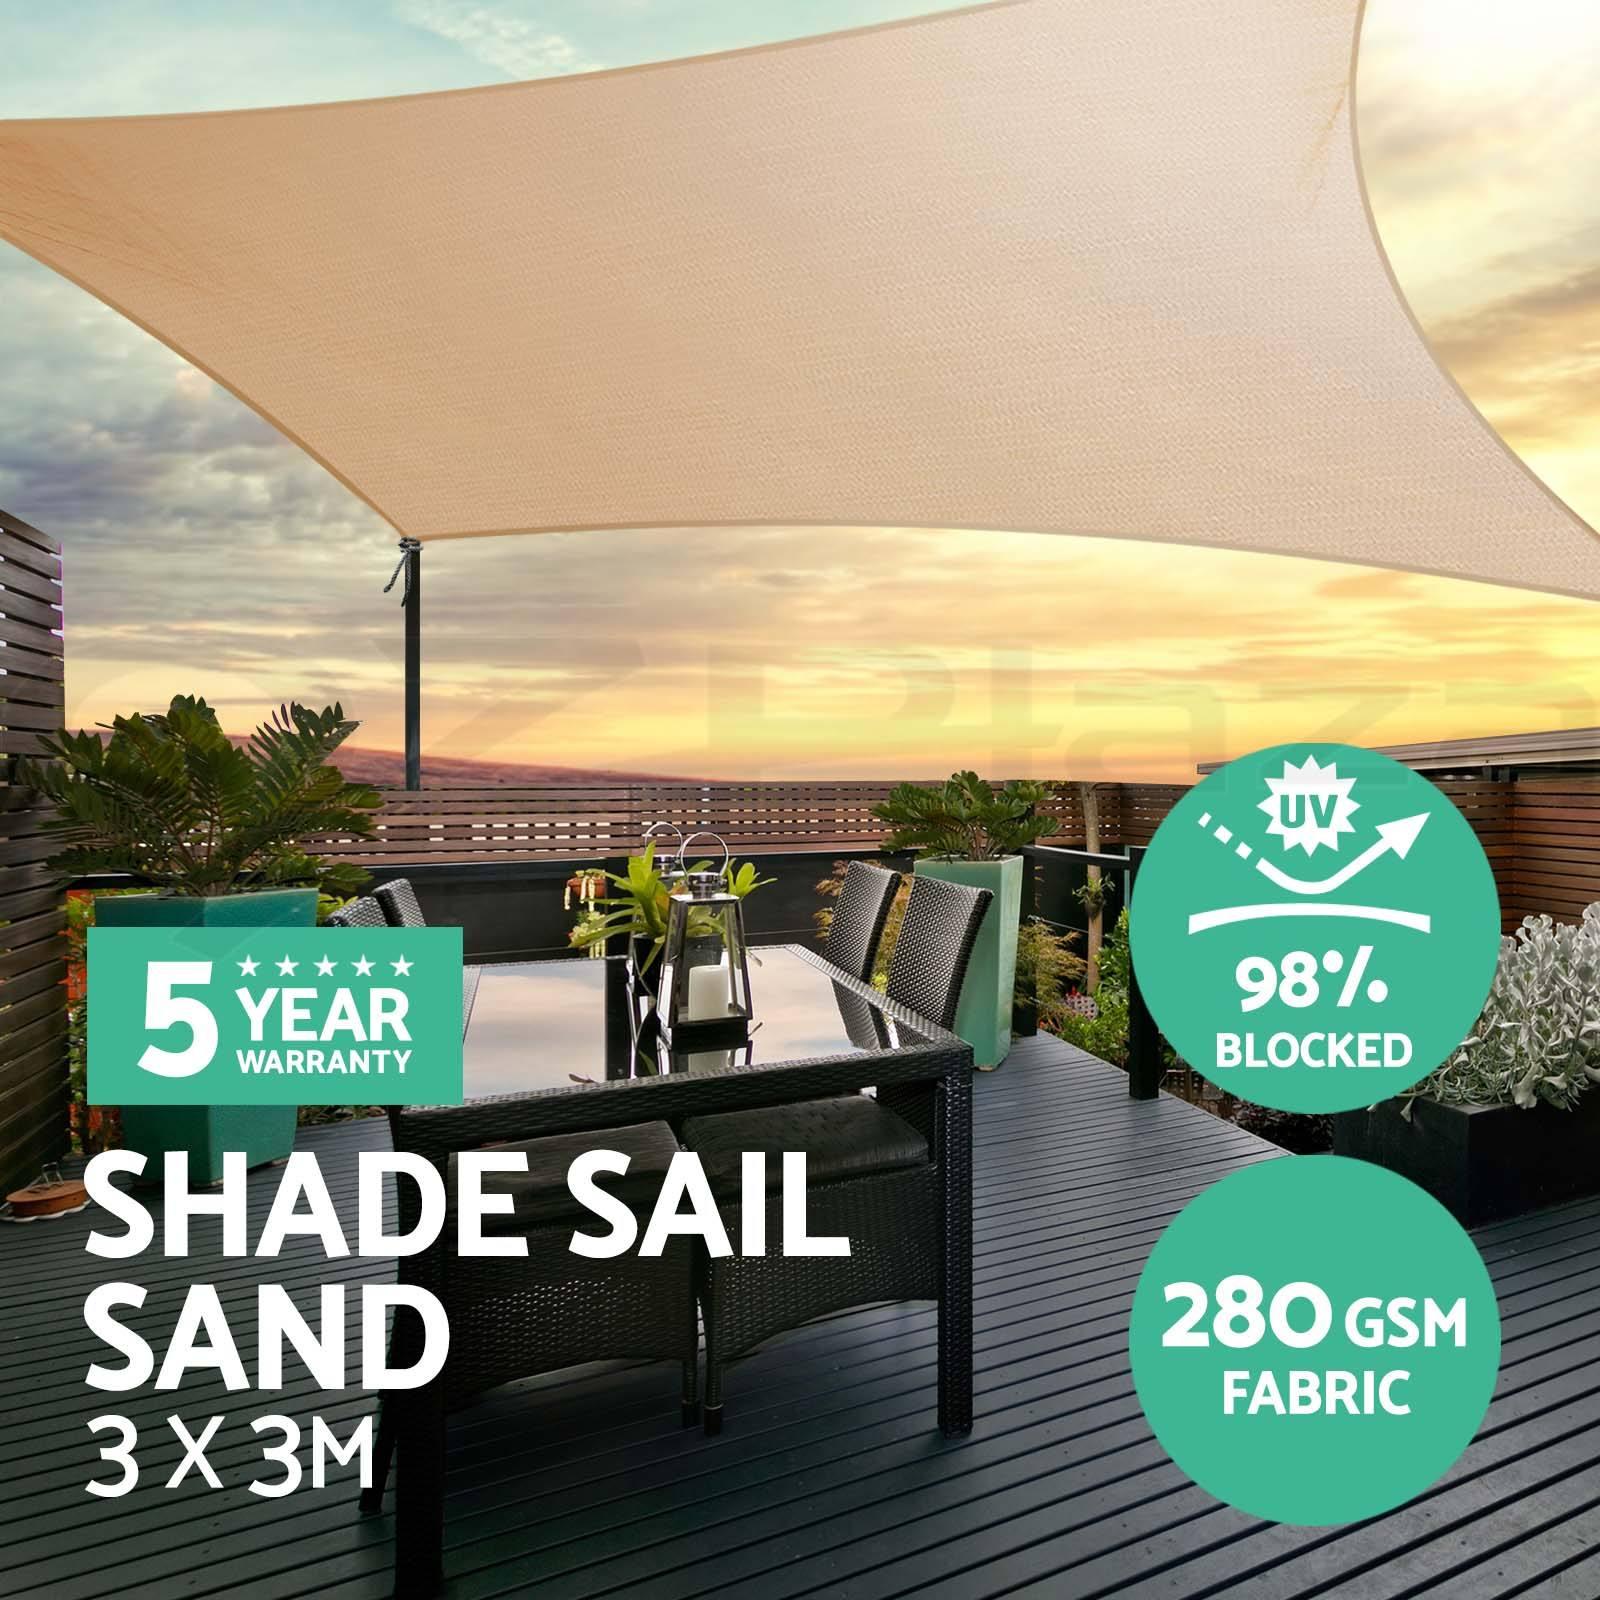 280gsm HDPE Rectangle abri soleil extérieur ombre voile tissu parasol Protection auvent jardin Patio piscine ombre voile auvent